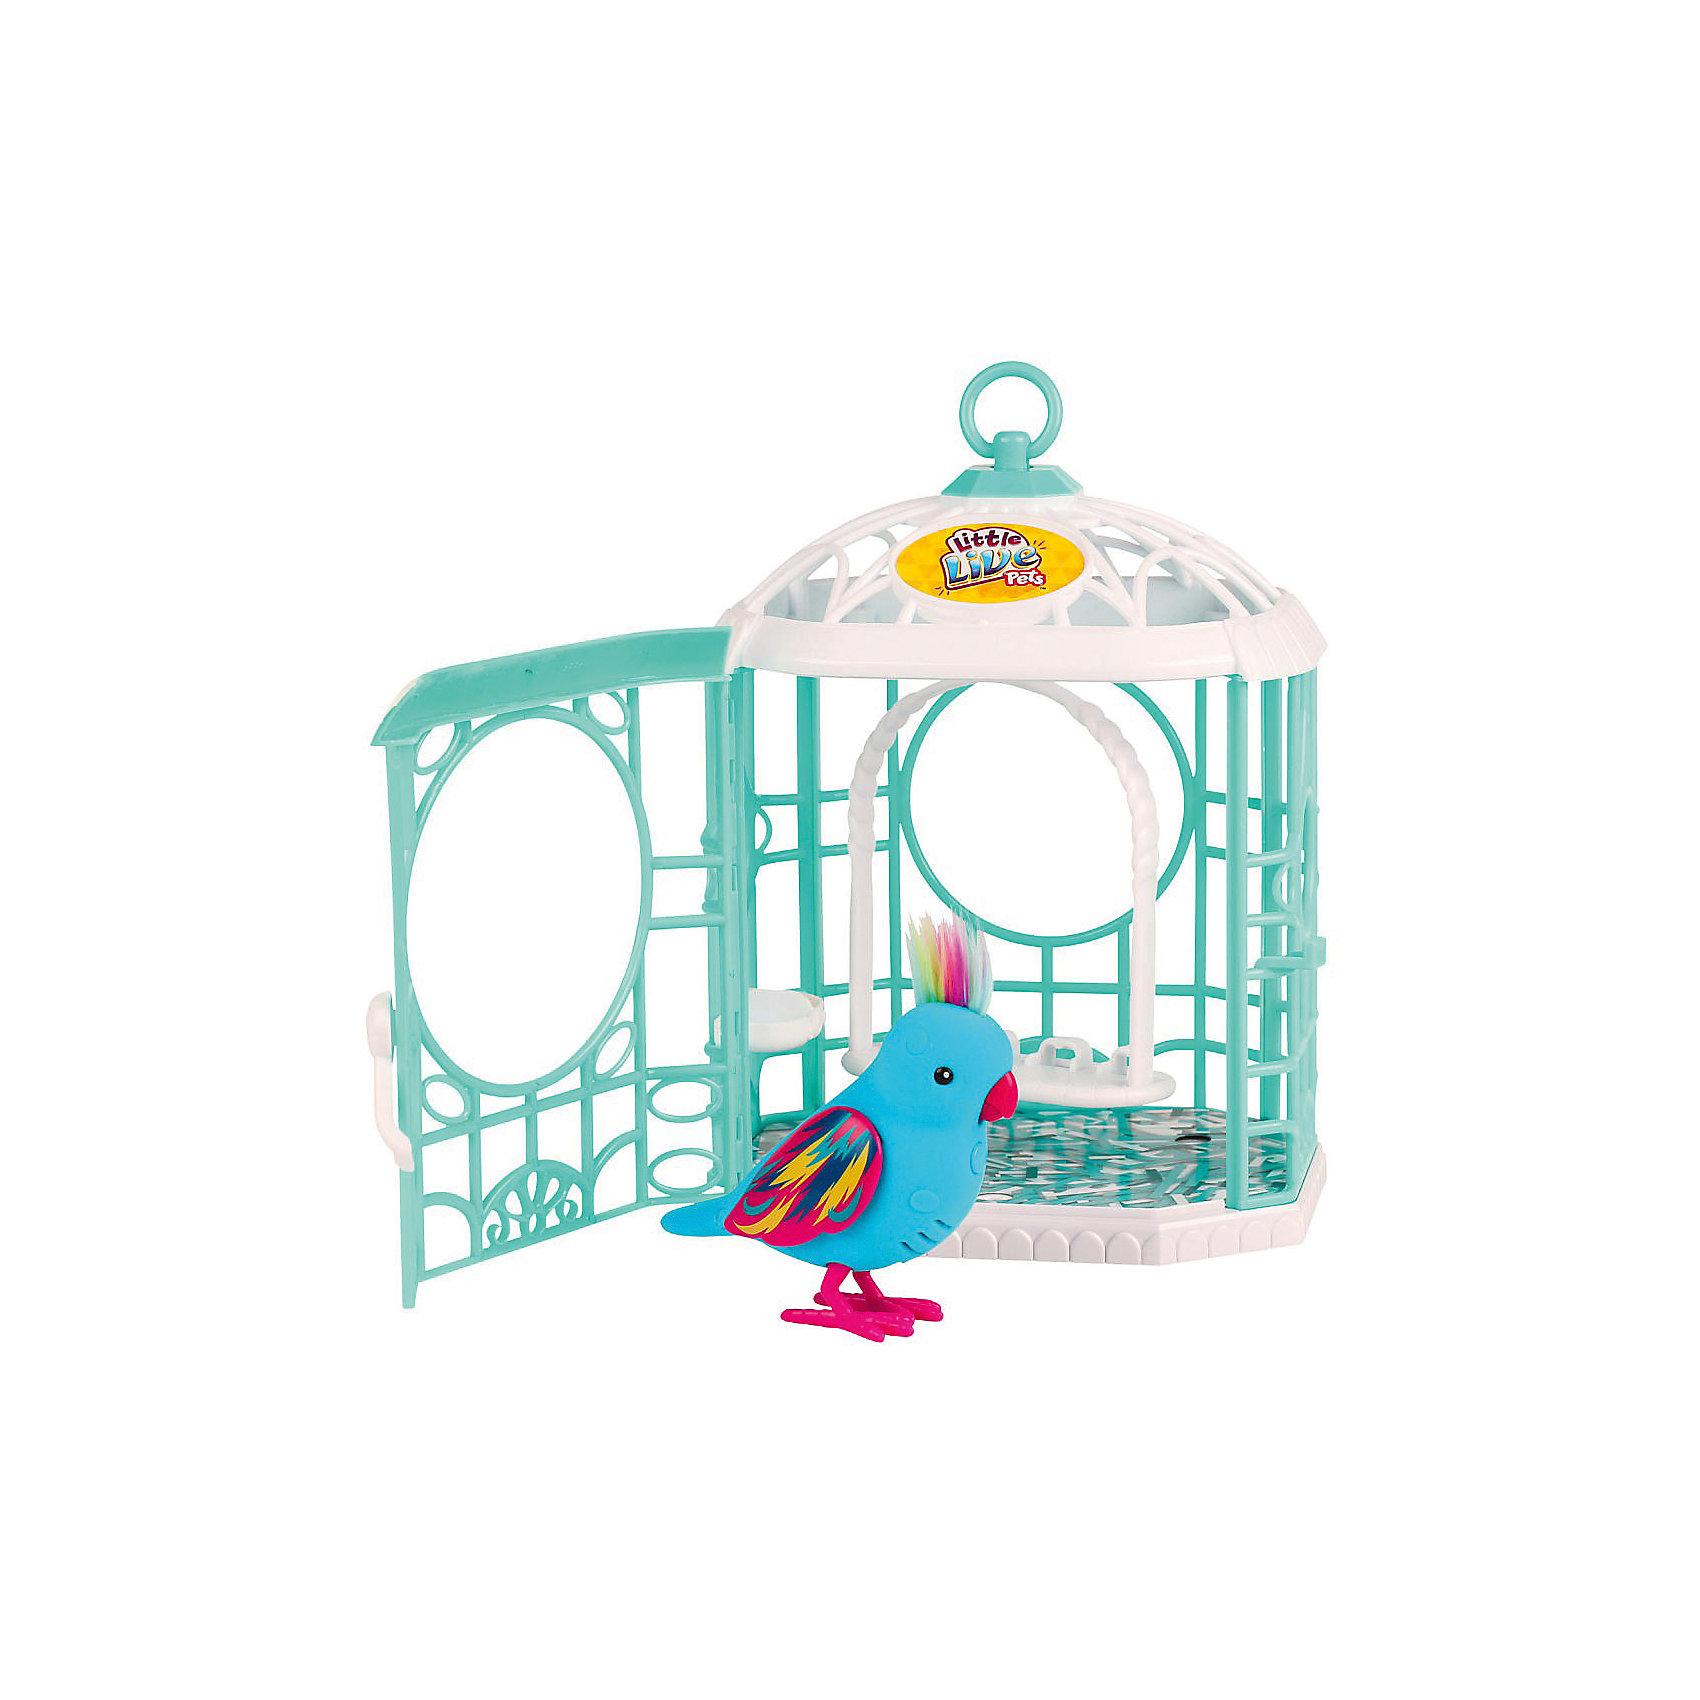 Интерактивная птичка в клетке, голубая, Little Live PetsИнтерактивная птичка в клетке, голубая, Little Live Pets (Литтл лайв петс) от австралийского бренда Moose (Мус). Новая яркая игрушка – птичка, очень приятна на ощупь, ее тельце как будто сделано из бархата. Лапки сделаны как настоящие с небольшим рифлением и изгибами. Красивый хохолок птички отлично сочетается с яркими крылышками. Птичка может щебетать до тридцати собственных мелодий, и щебечет от поглаживания по спинке. Движения клювиком совпадают с щебетанием птички, что выглядит очень правдоподобно. Нажав на кнопку на грудке птички и дождавшись двойного щебета, птичка станет учить вашу фразу или мелодию. Фраза воспроизводится модифицированным голосом птички, что тоже выглядит очень правдоподобно. С птичкой можно придумать много игр и почувствовать, будто дома появился новый домашний питомец. Специальная клетка будет отличным домиком для питомца, а качельки для птички имеют еще одно место для еще одной птички, если ребенок захочет поместить друга или подружку своему любимцу. Игрушка поможет развить воображение и творческие навыки. <br><br>Дополнительная информация:<br><br>- В комплект входит: 1 птичка,клетка<br>- Состав: пластик, флок<br>- Элементы питания: 2 батарейки типа ААА (в комплекте отсутствуют)<br>- 30 различных стилей щебетания<br>- Можно записывать свои фразы<br>- Параметры упаковки: 11 * 6 * 7 см. <br><br><br>Интерактивную птичку в клетке, голубая, Little Live Pets (Литтл лайв петс), Moose (Мус) можно купить в нашем интернет-магазине.<br>Подробнее:<br>• Для детей в возрасте: от 5 до 8 лет <br>• Номер товара: 5055295<br>Страна производитель: Китай<br><br>Ширина мм: 150<br>Глубина мм: 189<br>Высота мм: 290<br>Вес г: 600<br>Возраст от месяцев: 60<br>Возраст до месяцев: 120<br>Пол: Унисекс<br>Возраст: Детский<br>SKU: 5055295